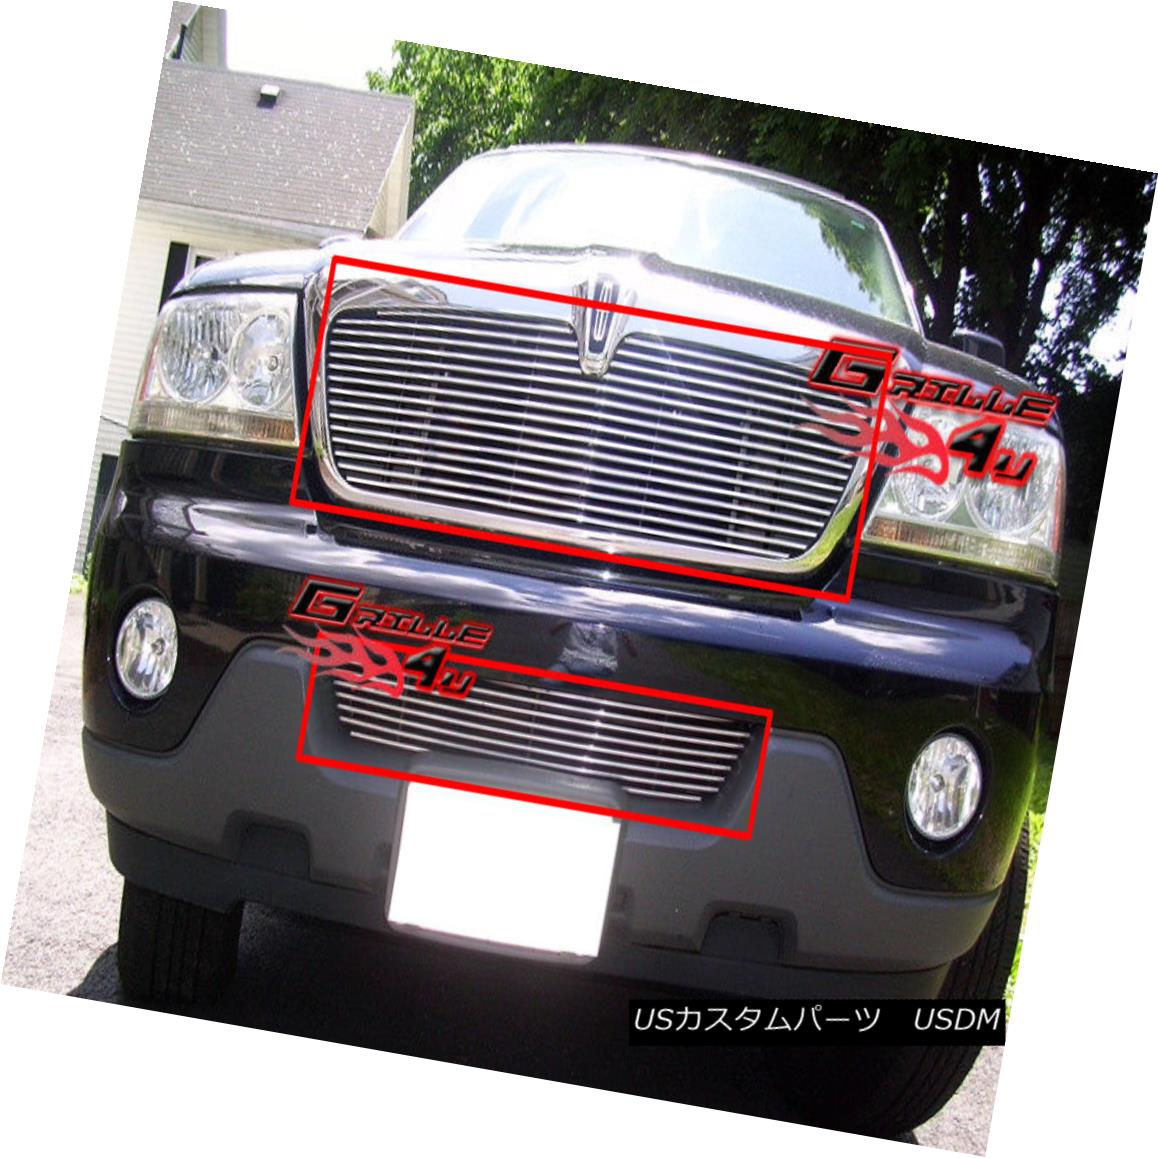 グリル For 03-06 Lincoln Aviator Billet Grille Combo Insert 03-06リンカーンアビエータービレットグリルコンボインサート